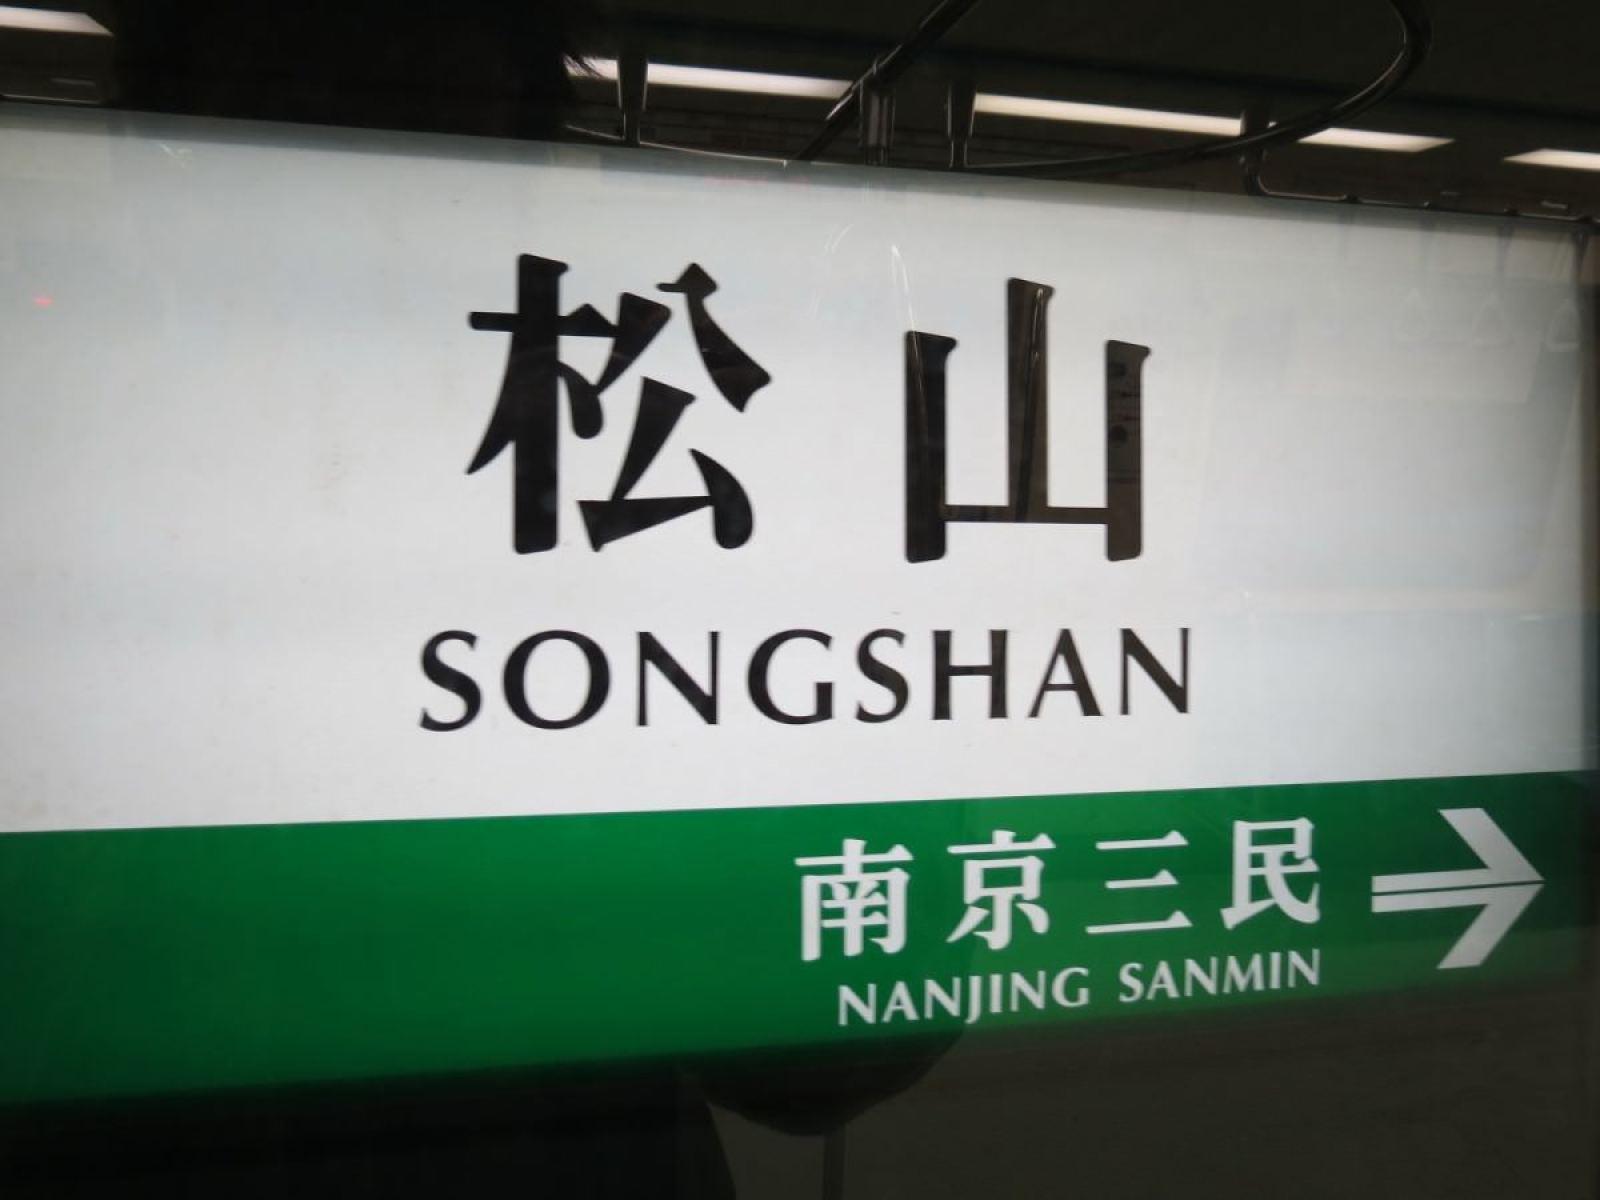 台北捷運, 綠線/松山線, 松山站, 站牌